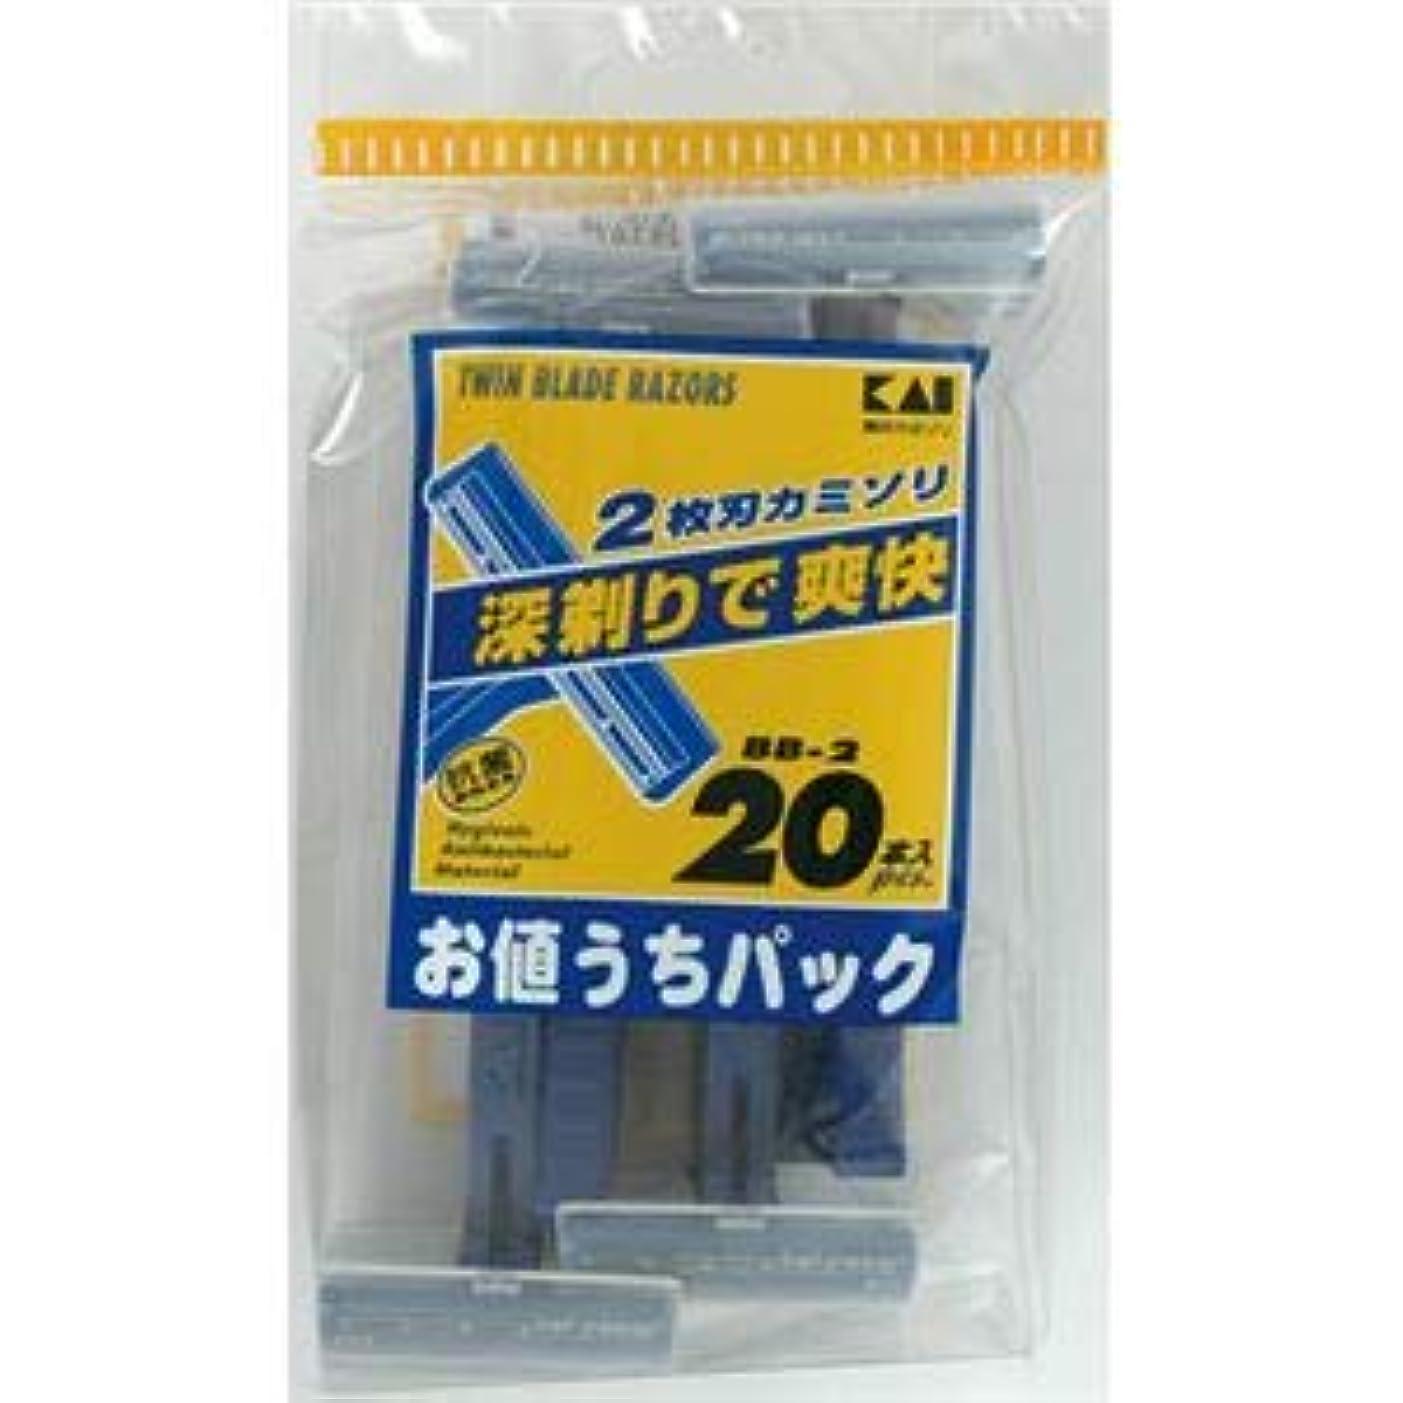 支援するスクラッチイーウェル(業務用20セット) 貝印 BB-2 2枚刃カミソリ 20本